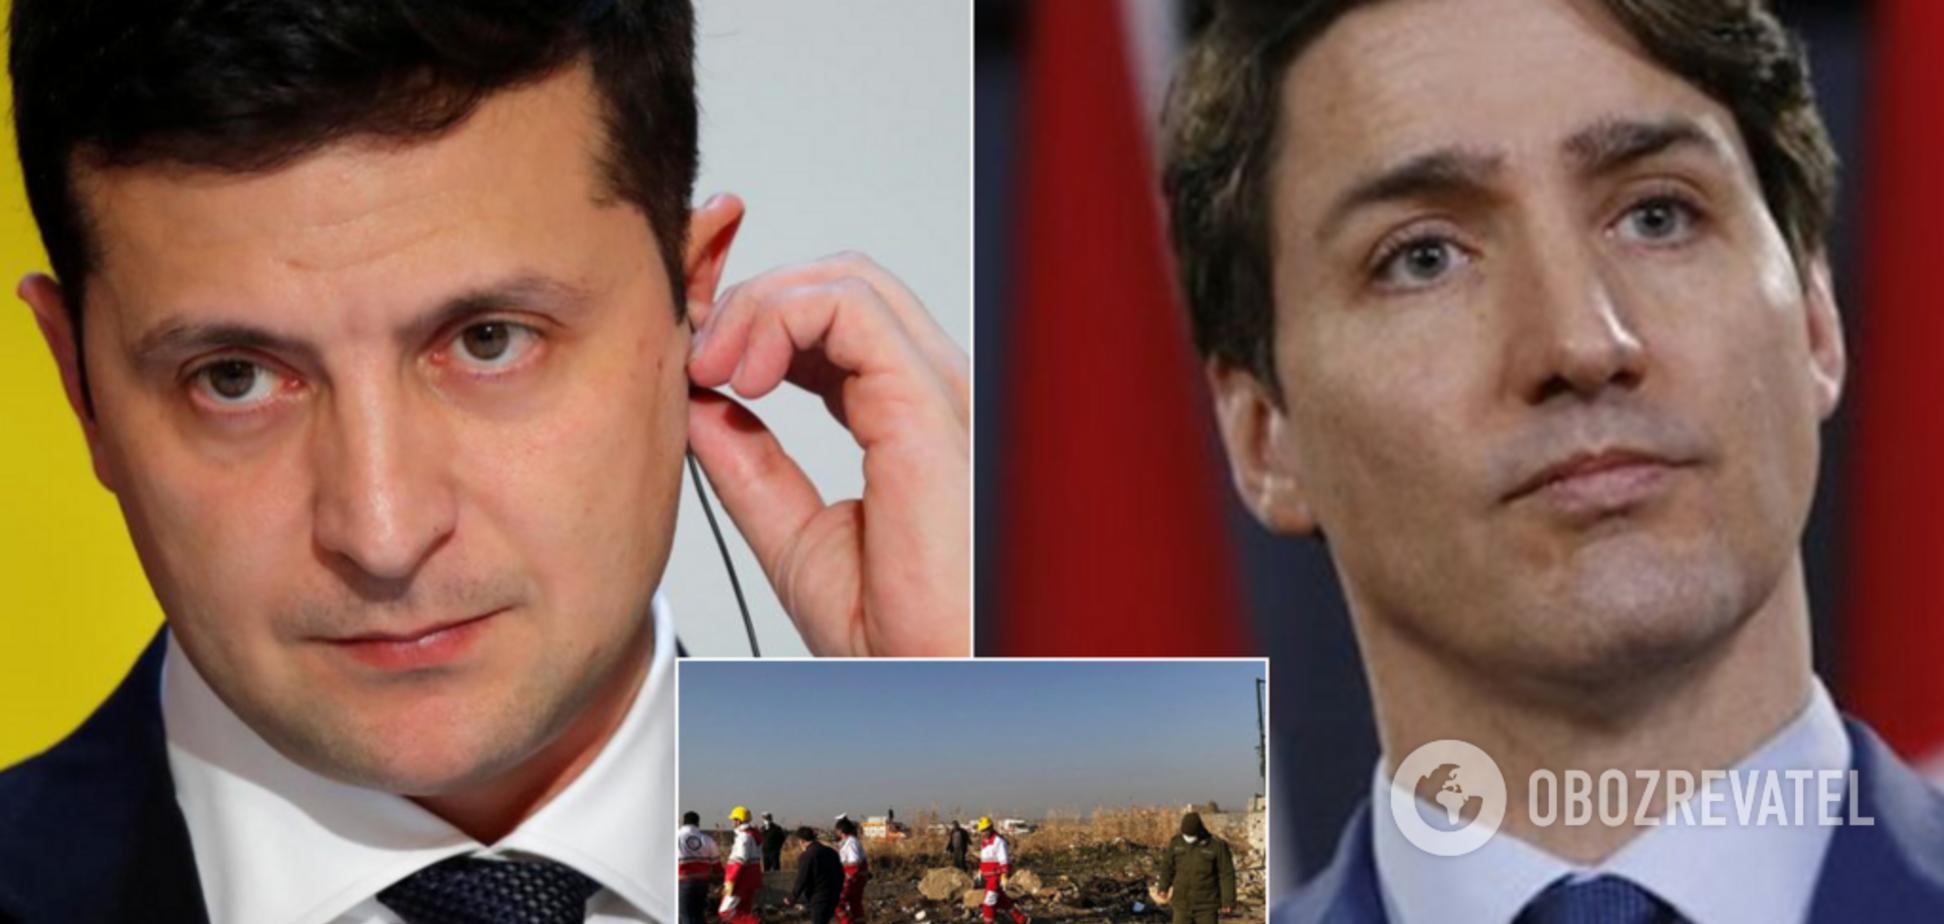 Зеленський обговорив із Трюдо катастрофу українського літака в Ірані: подробиці